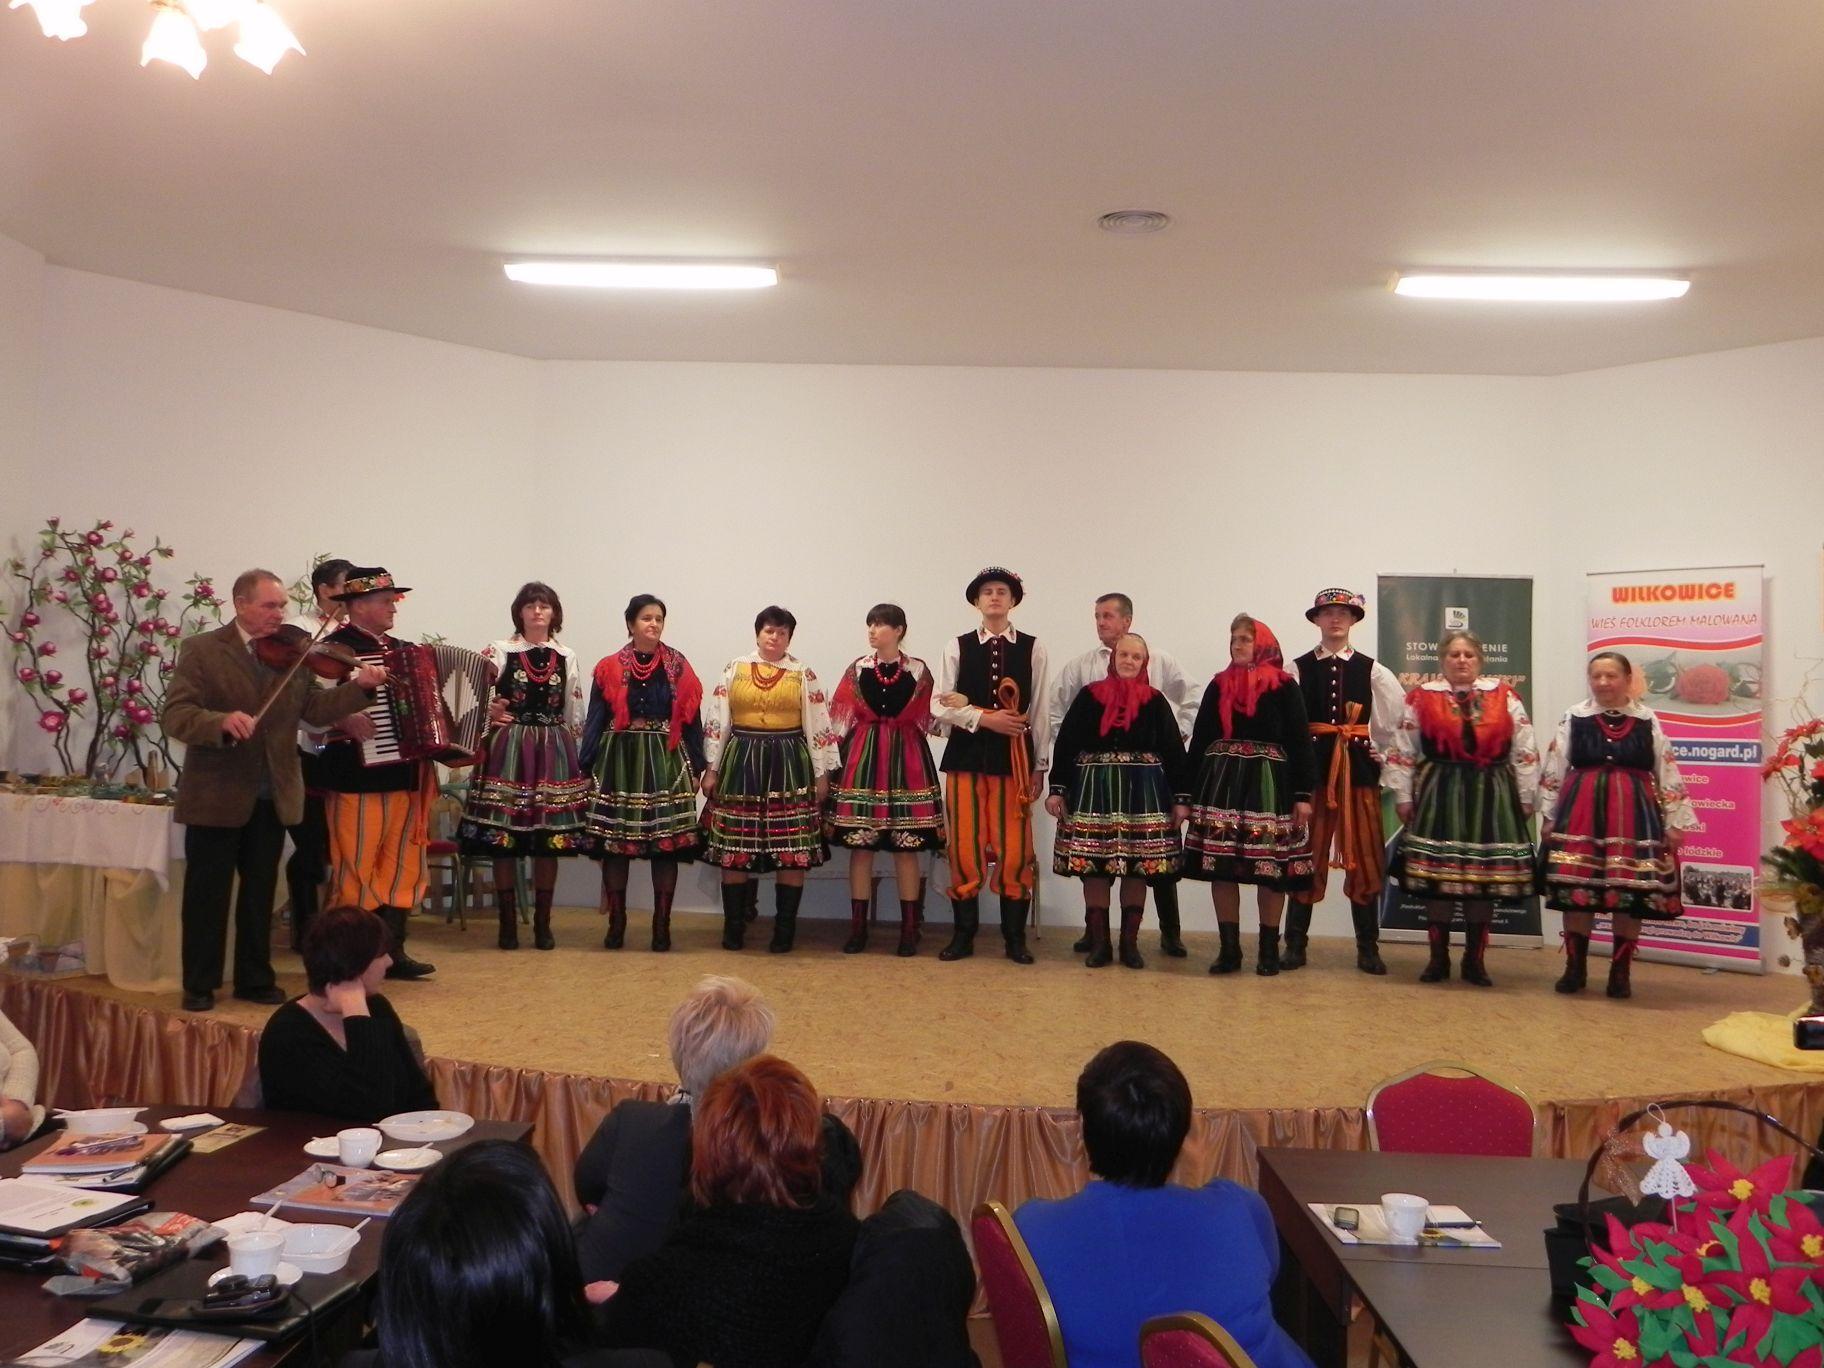 2012-12-14 Wilkowice - Konferencja Wioski tematyczne (153)